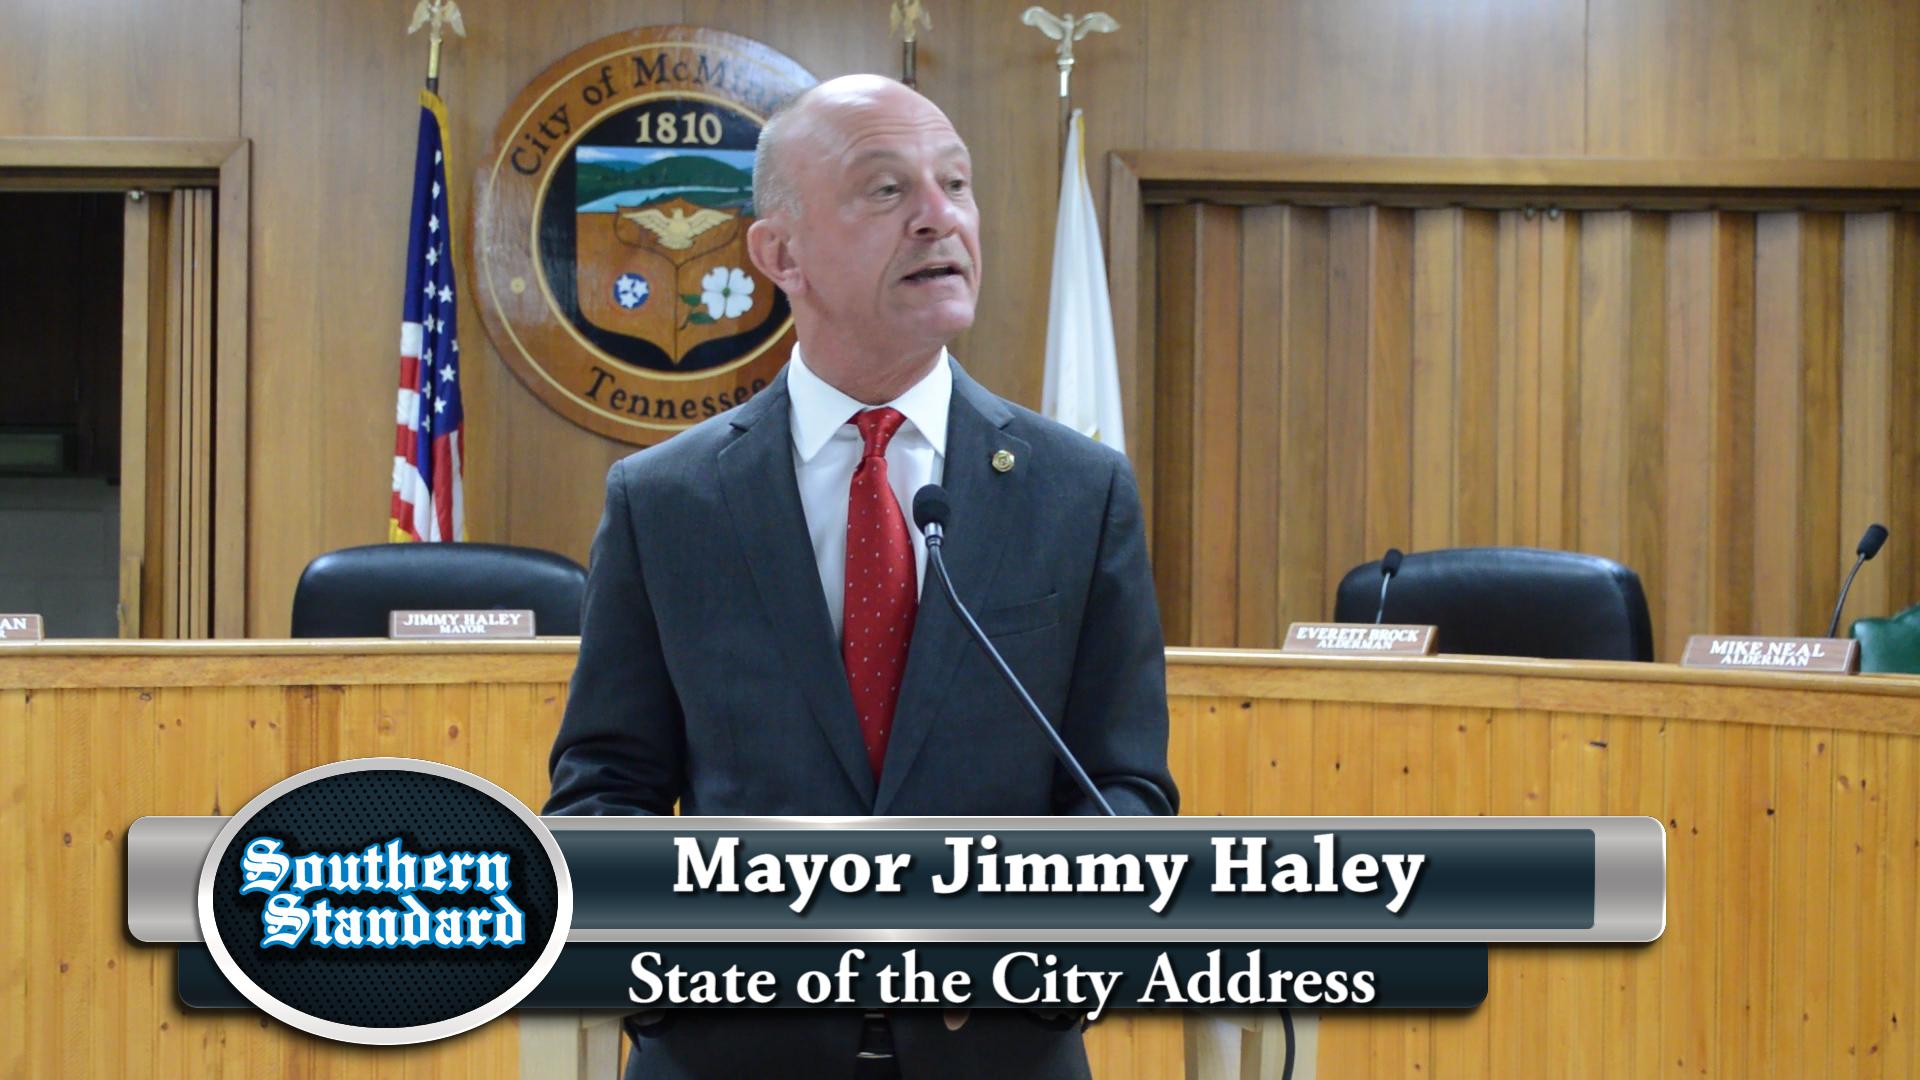 VIDEO: Mayor Haley's State of City Address